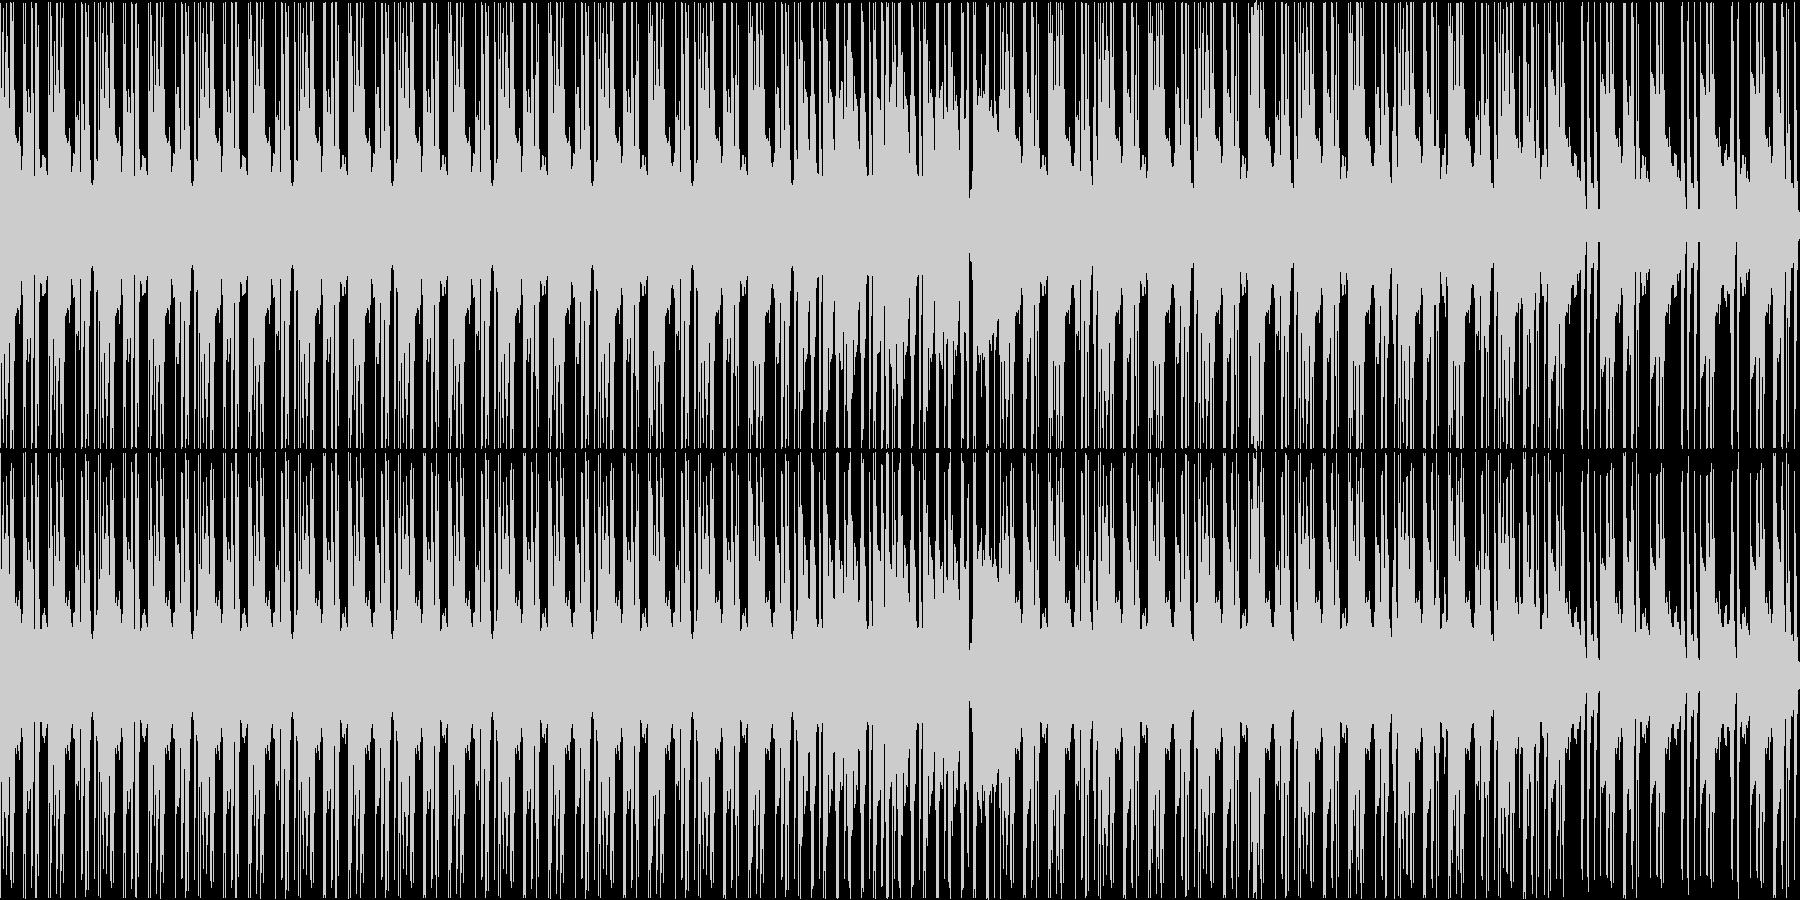 ヒップホップでジャジーなBGM_LOOPの未再生の波形